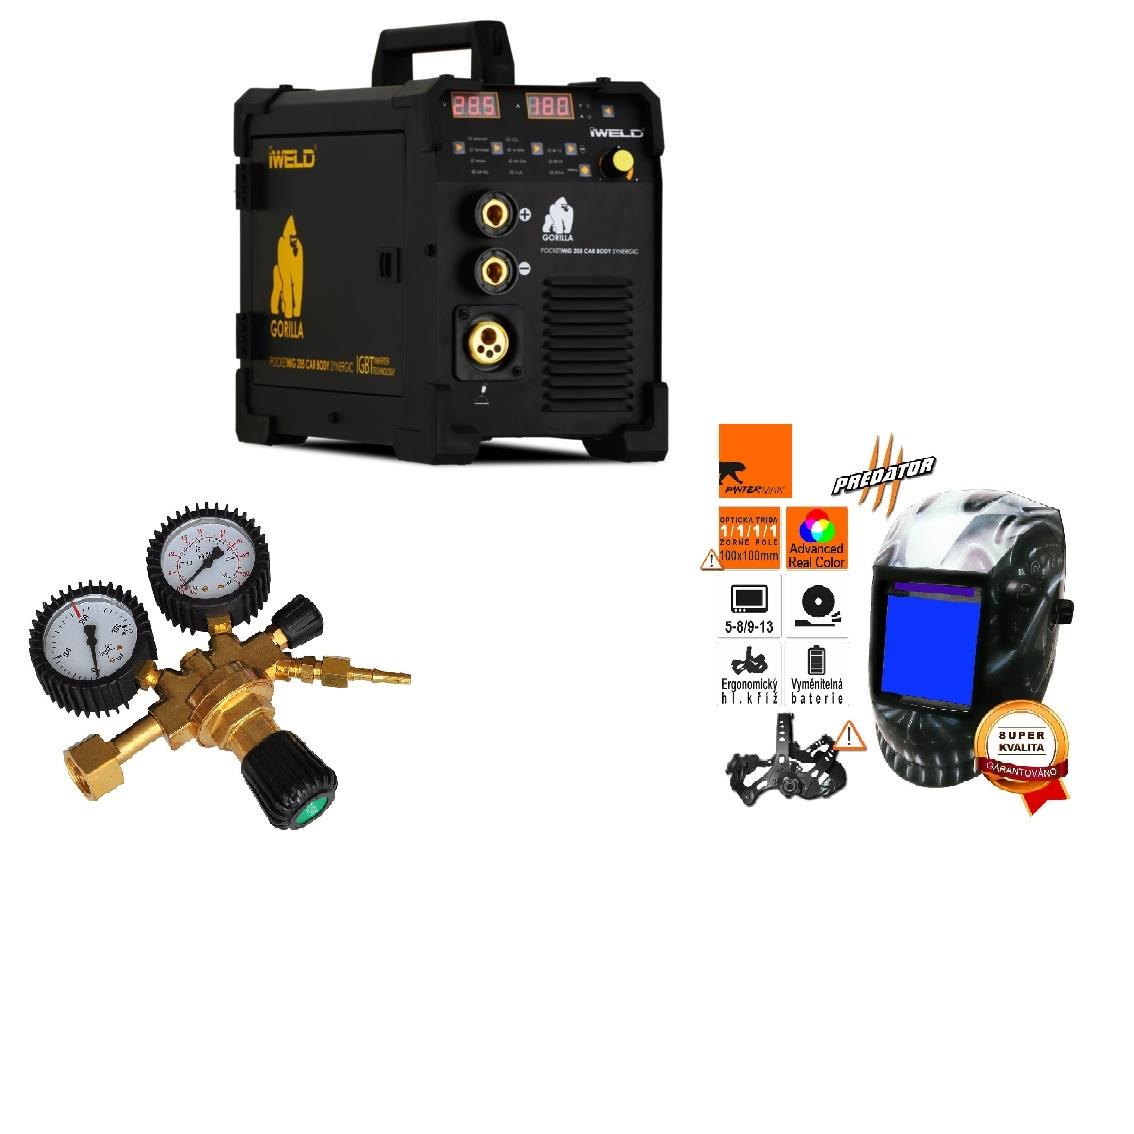 Gorilla PocketMig 205 Varianta: SET 10: svářečka s výbavou v popisu stroje + RV CO2 + kukla profi Predátor výhodný SET - další příslušenství ZDARMA